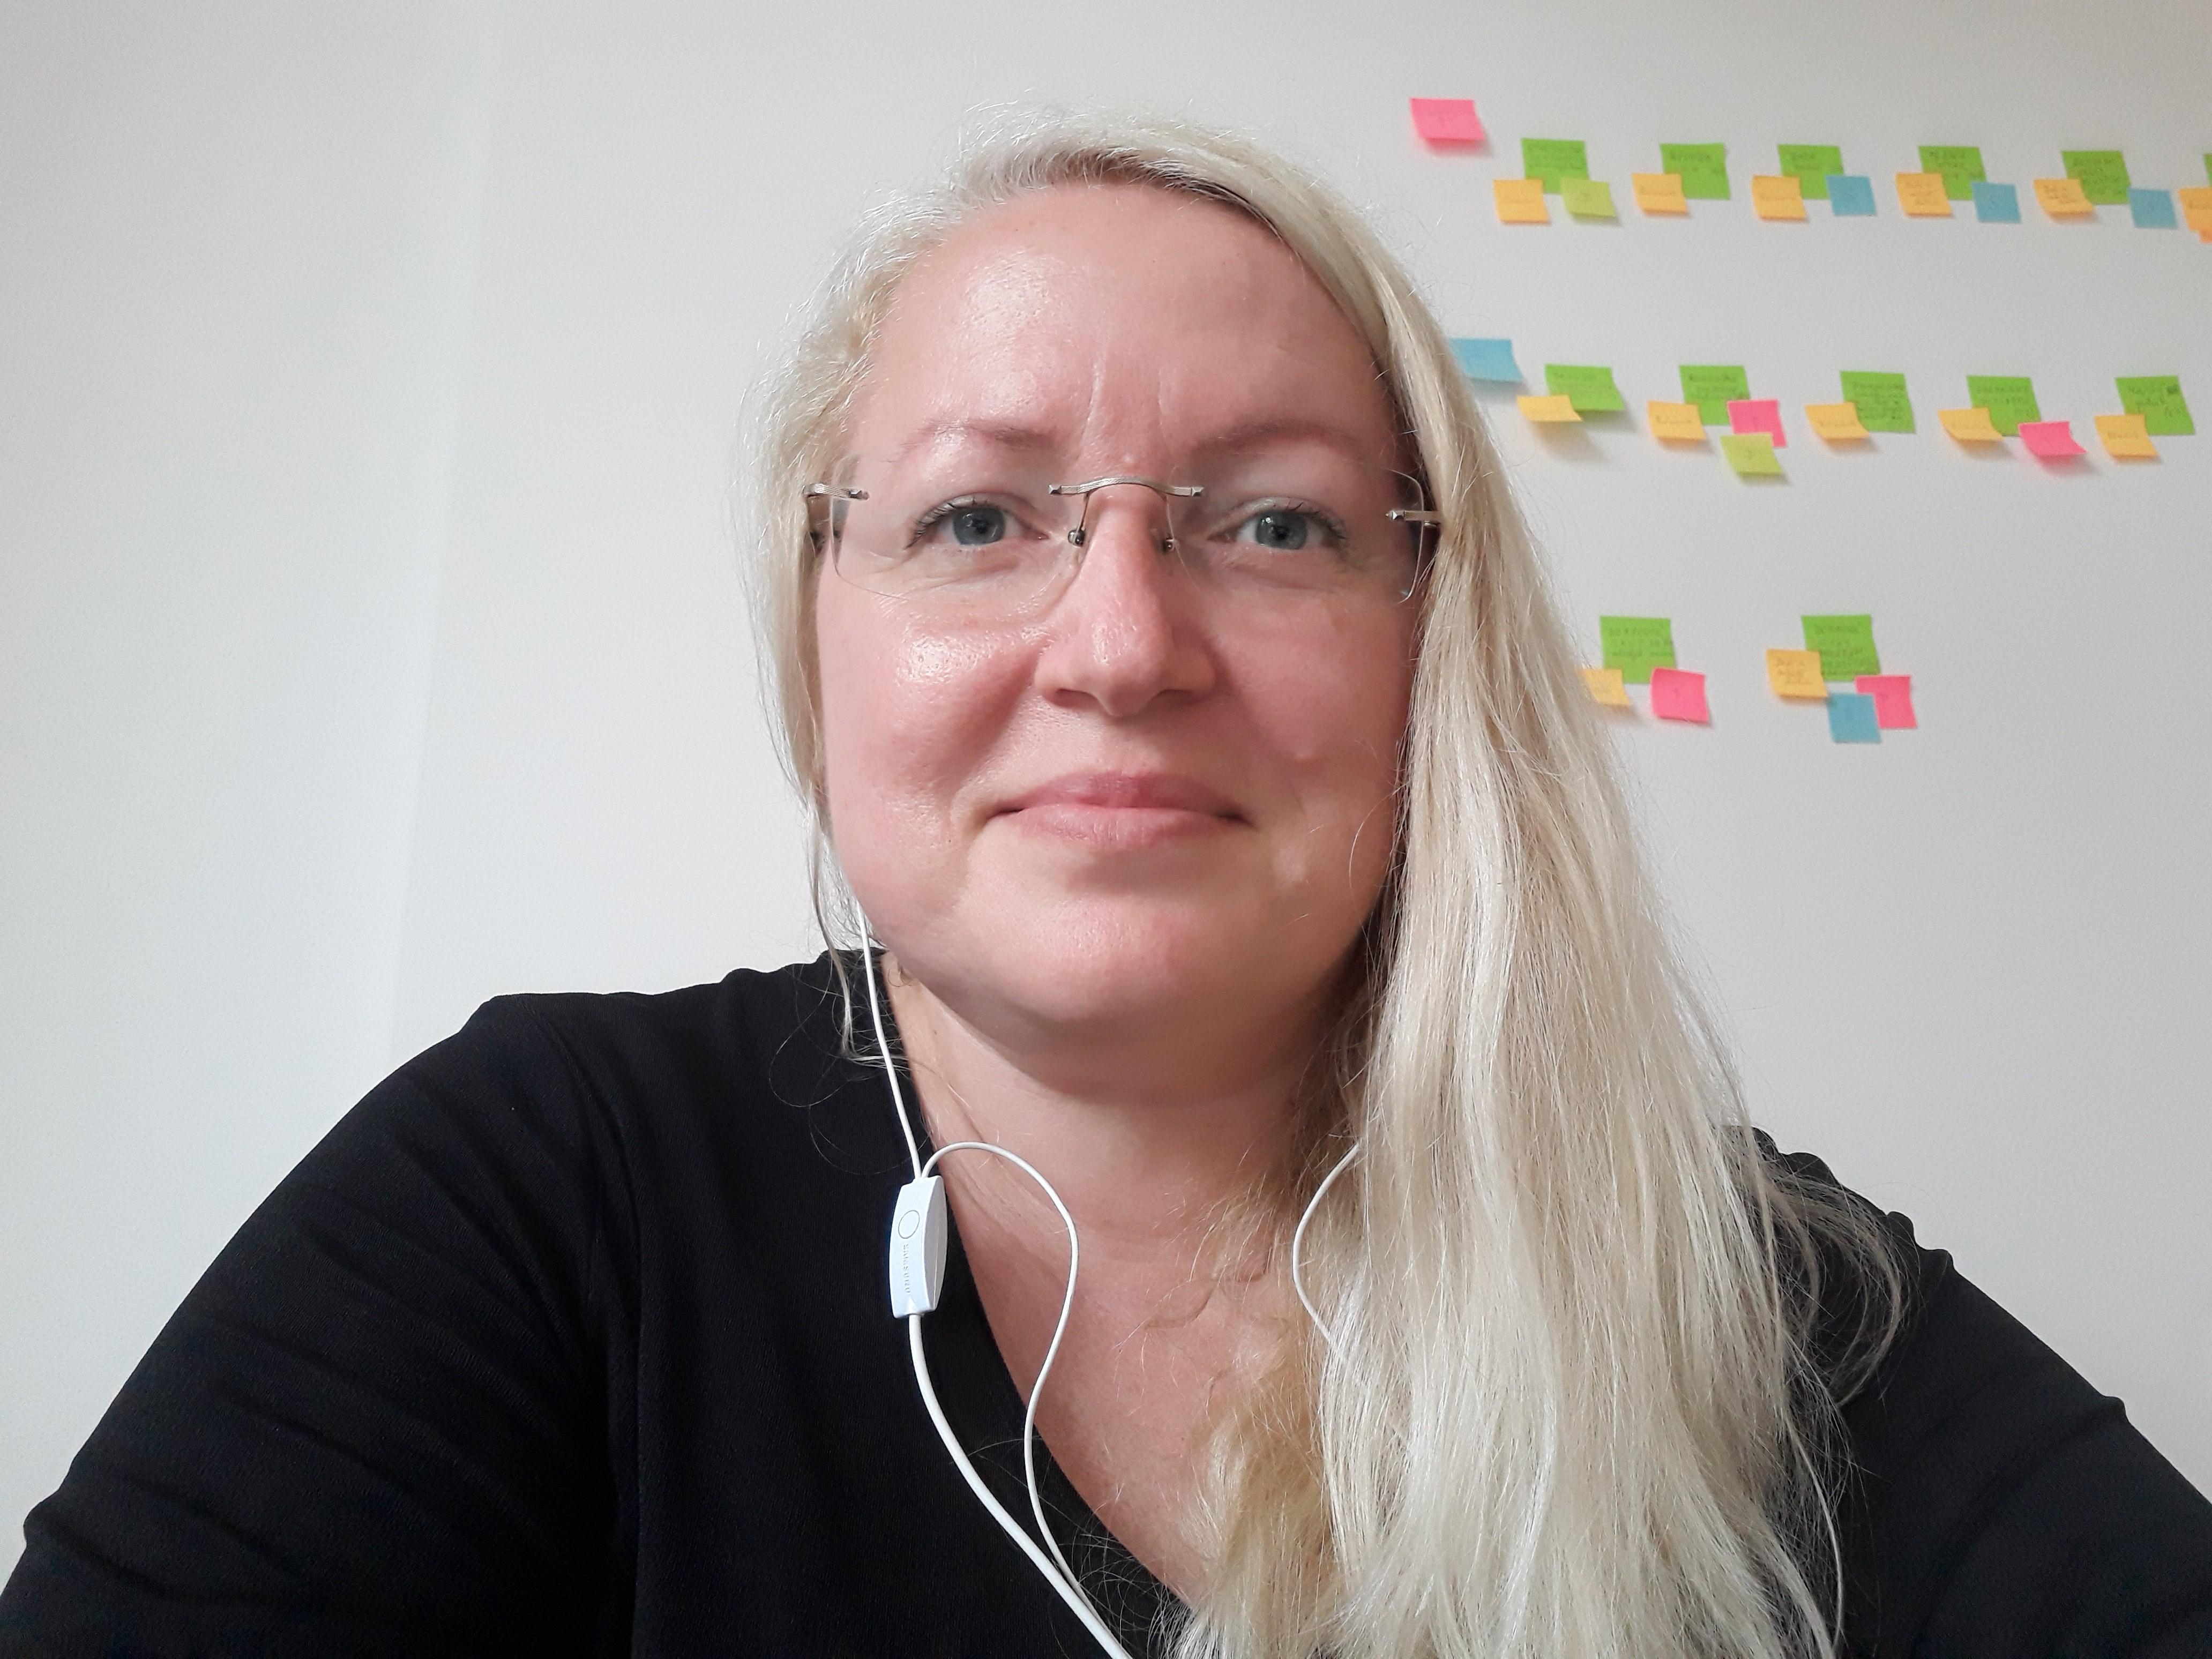 Mária Radváková / Trénerka, konzultantka